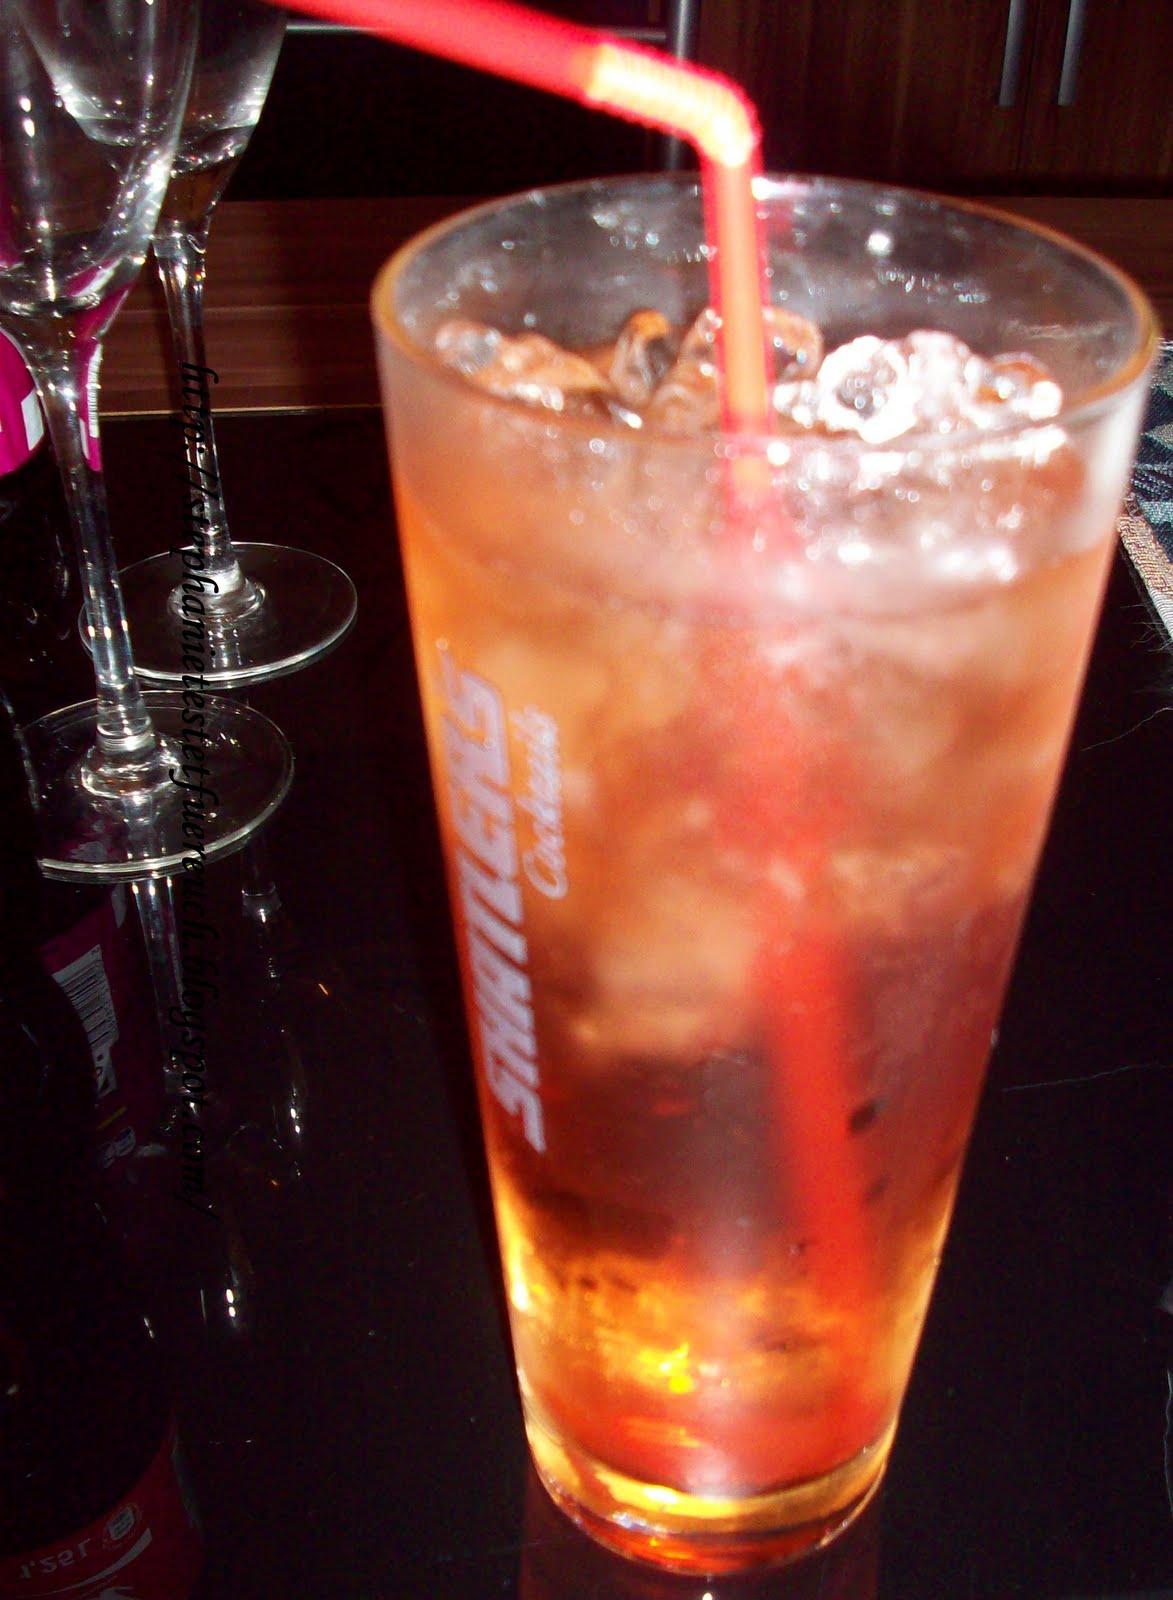 http://1.bp.blogspot.com/-V8W6VtdyX6s/Tklvu49nfpI/AAAAAAAAAWw/rdczNa6nDWg/s1600/Buzzer%2C+Chantr%C3%A9%2C+Weinbrand%2C+Energy+Drink+Speedstar%2C+Cocktail%2C+Crushed+ice.jpg